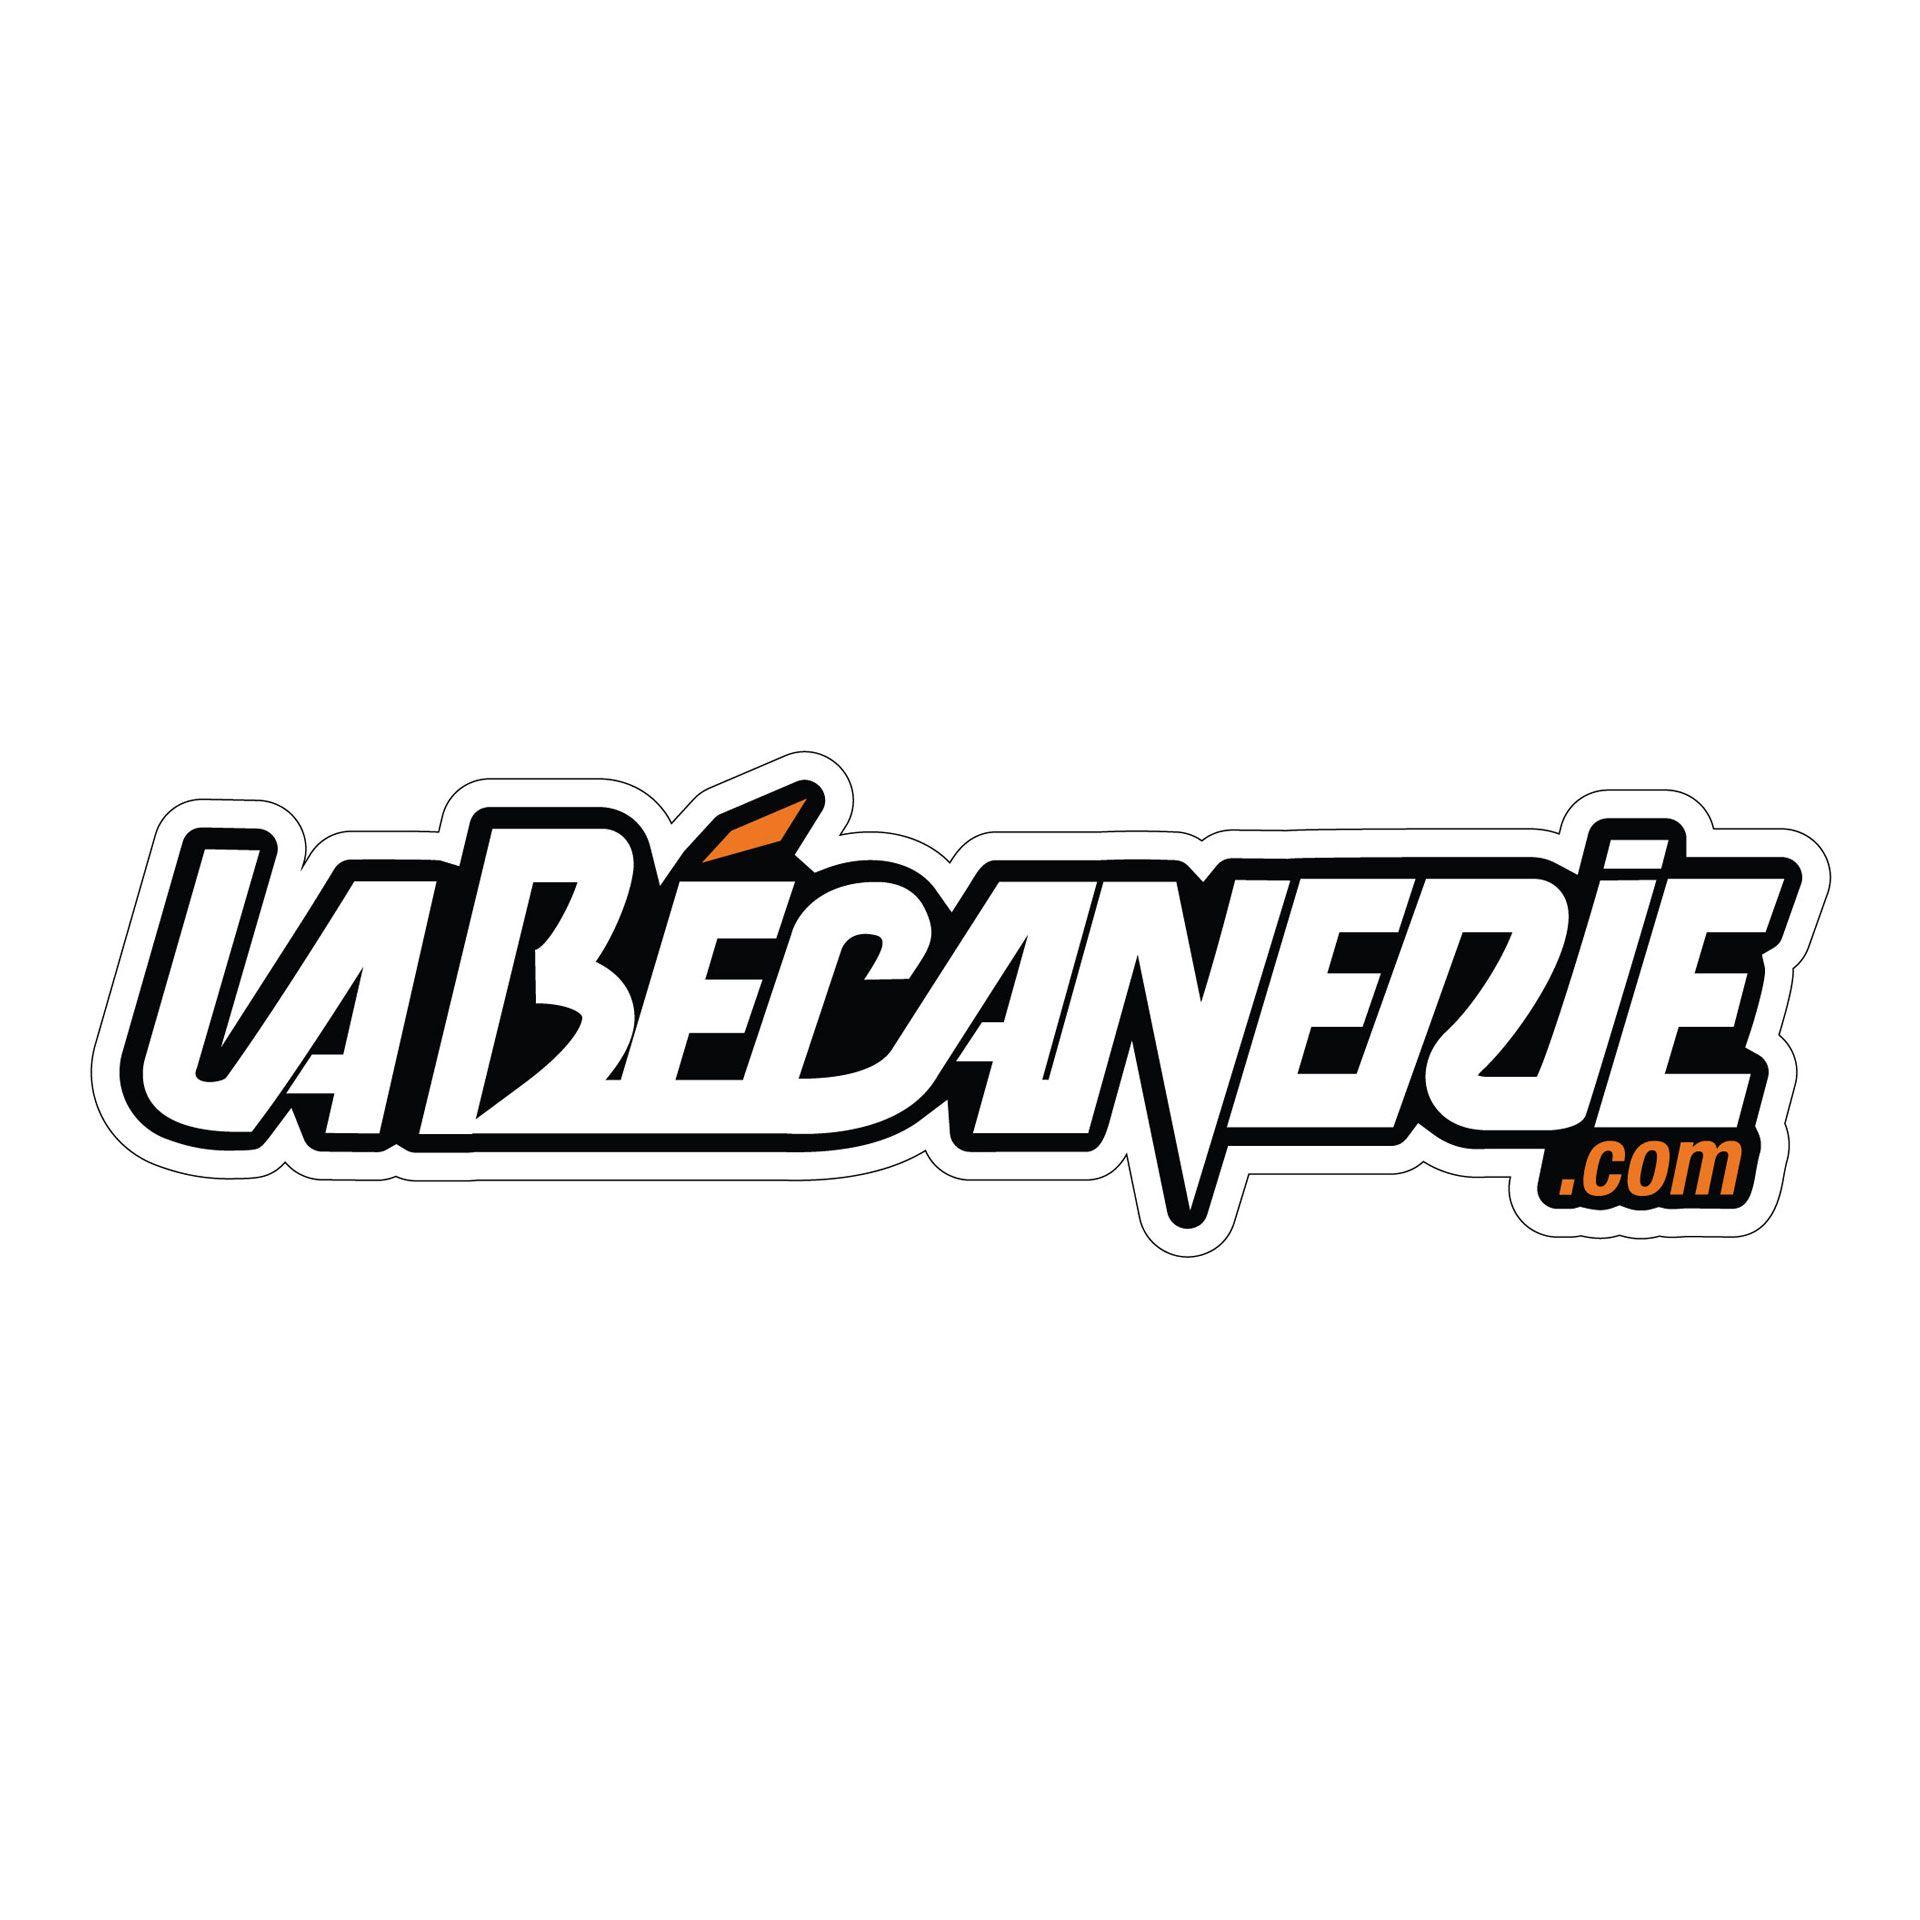 Autocollant La Bécanerie 12.5 cm noir / orange / transparent